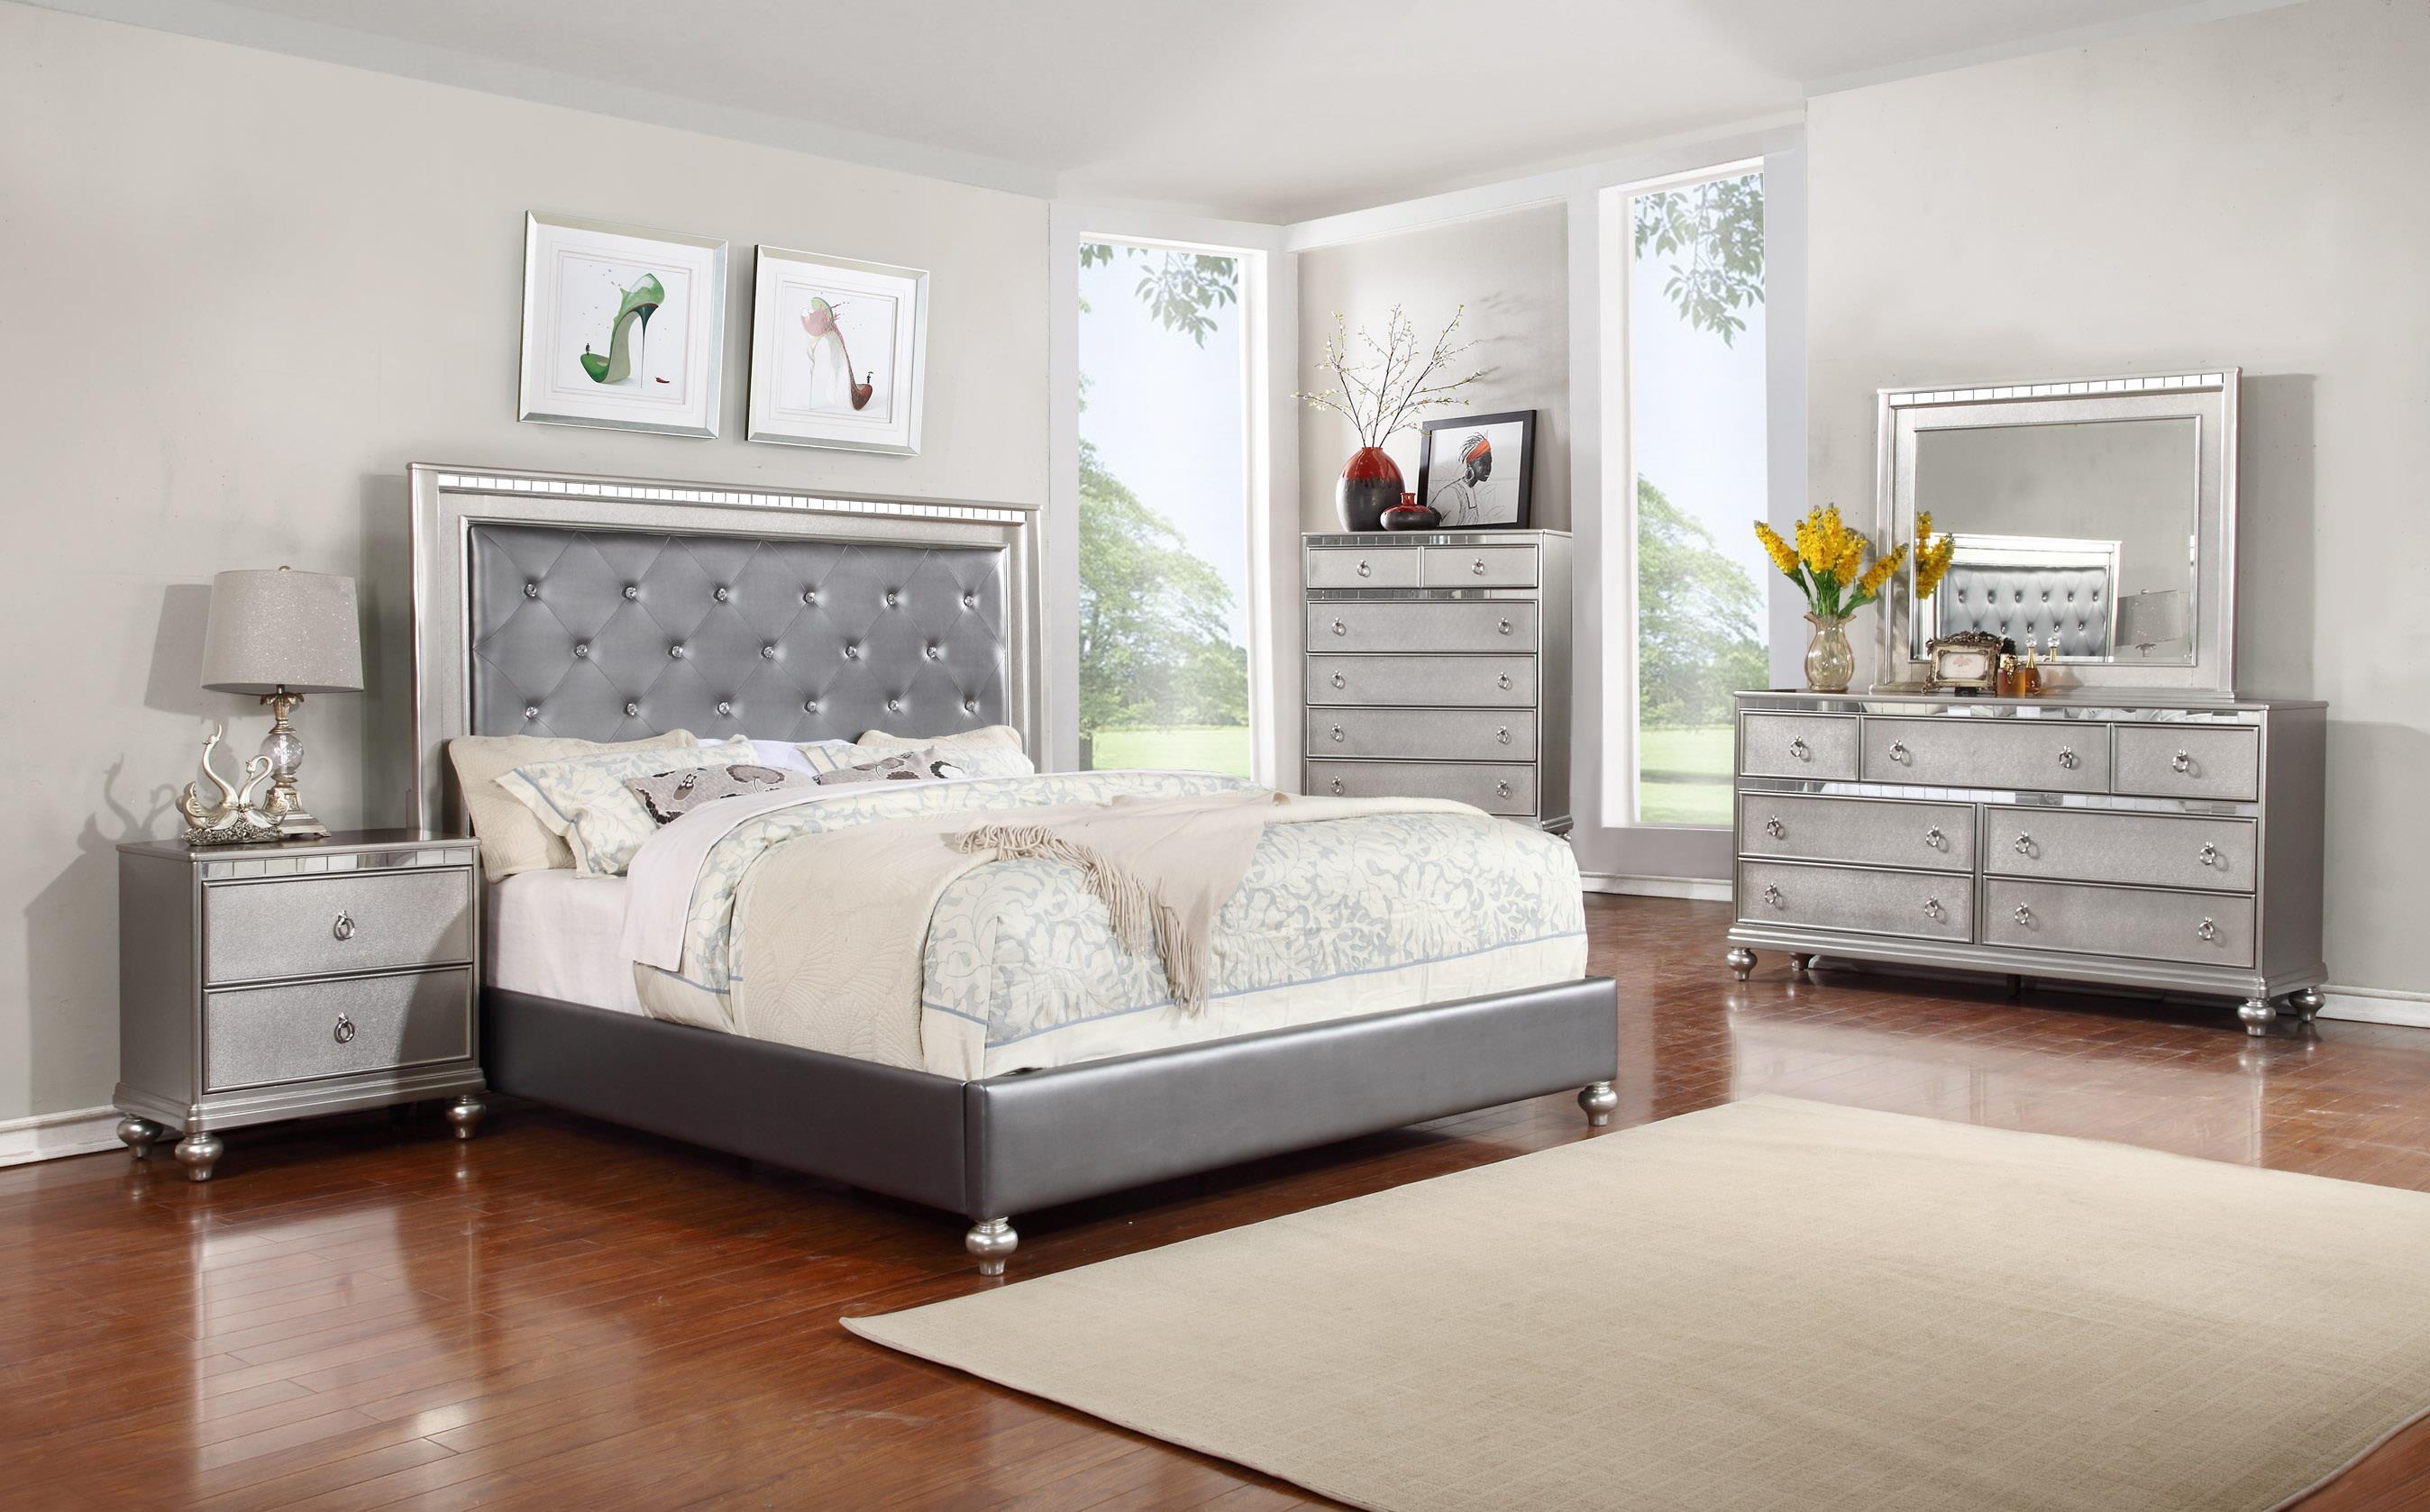 King Bedroom Sets Discount King Bedroom Furniture Sets